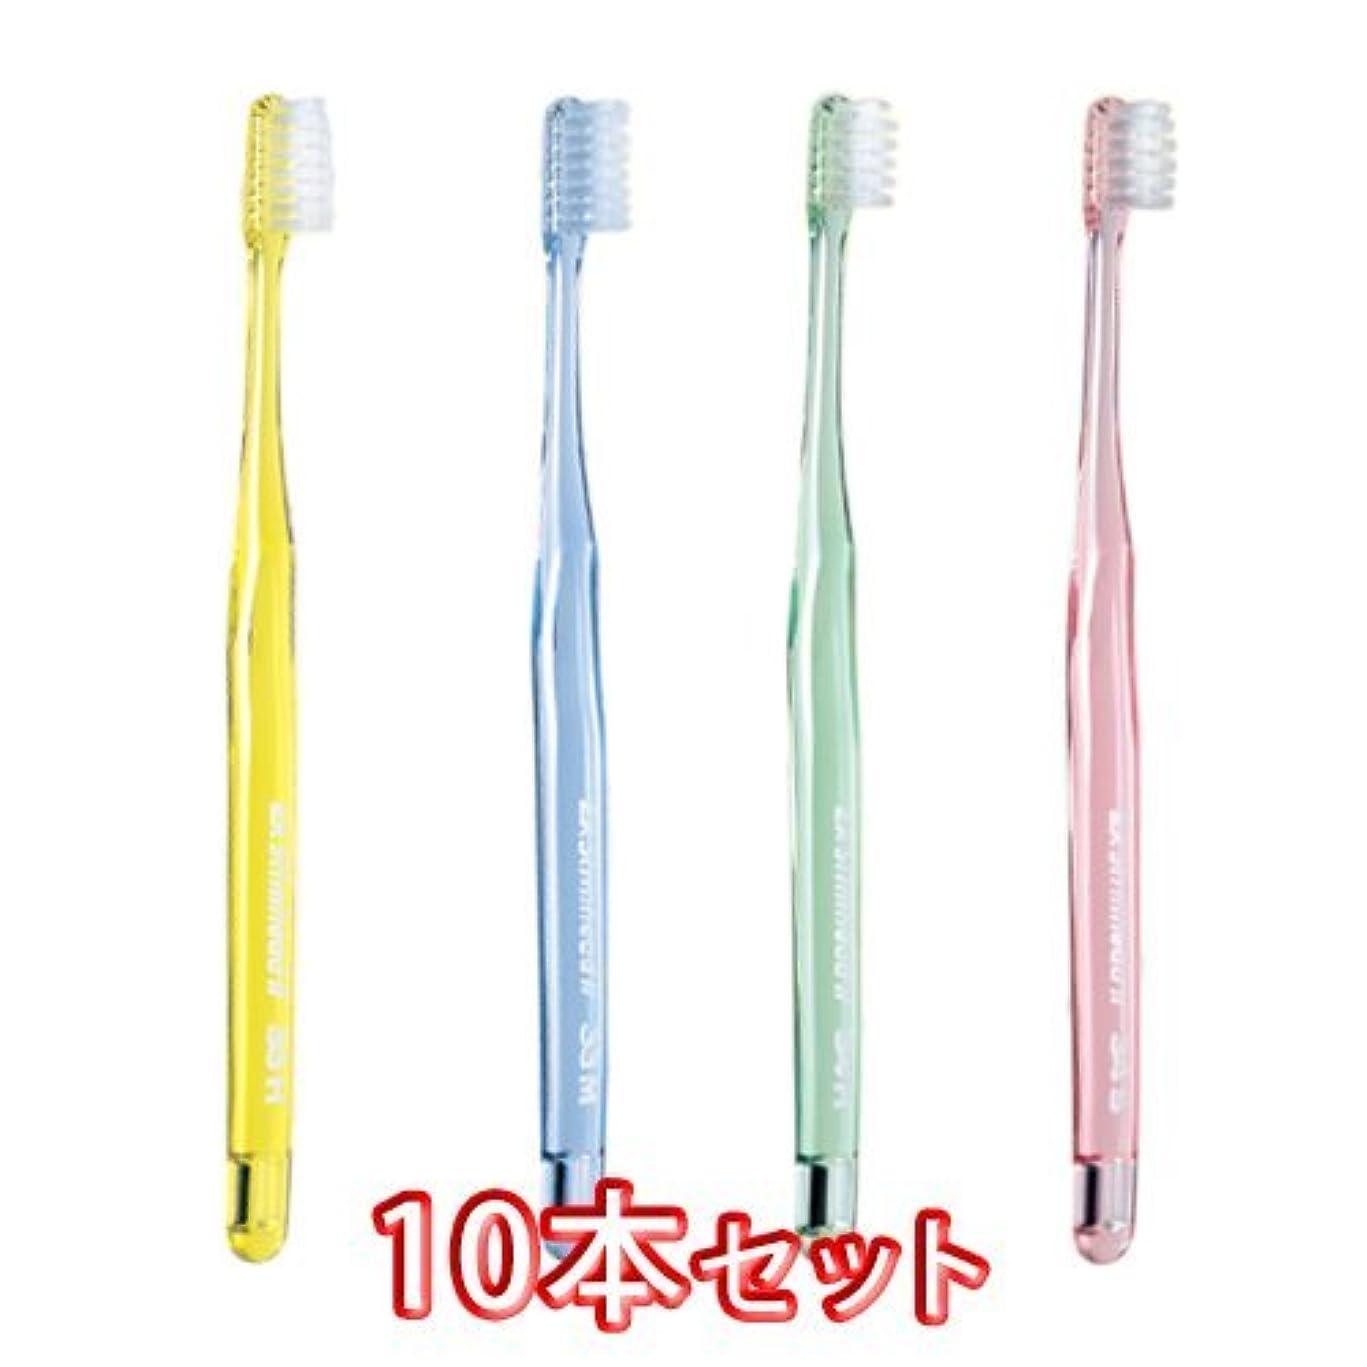 真実ぐったり地味なライオン スリムヘッド2 歯ブラシ 10本セット (34H)